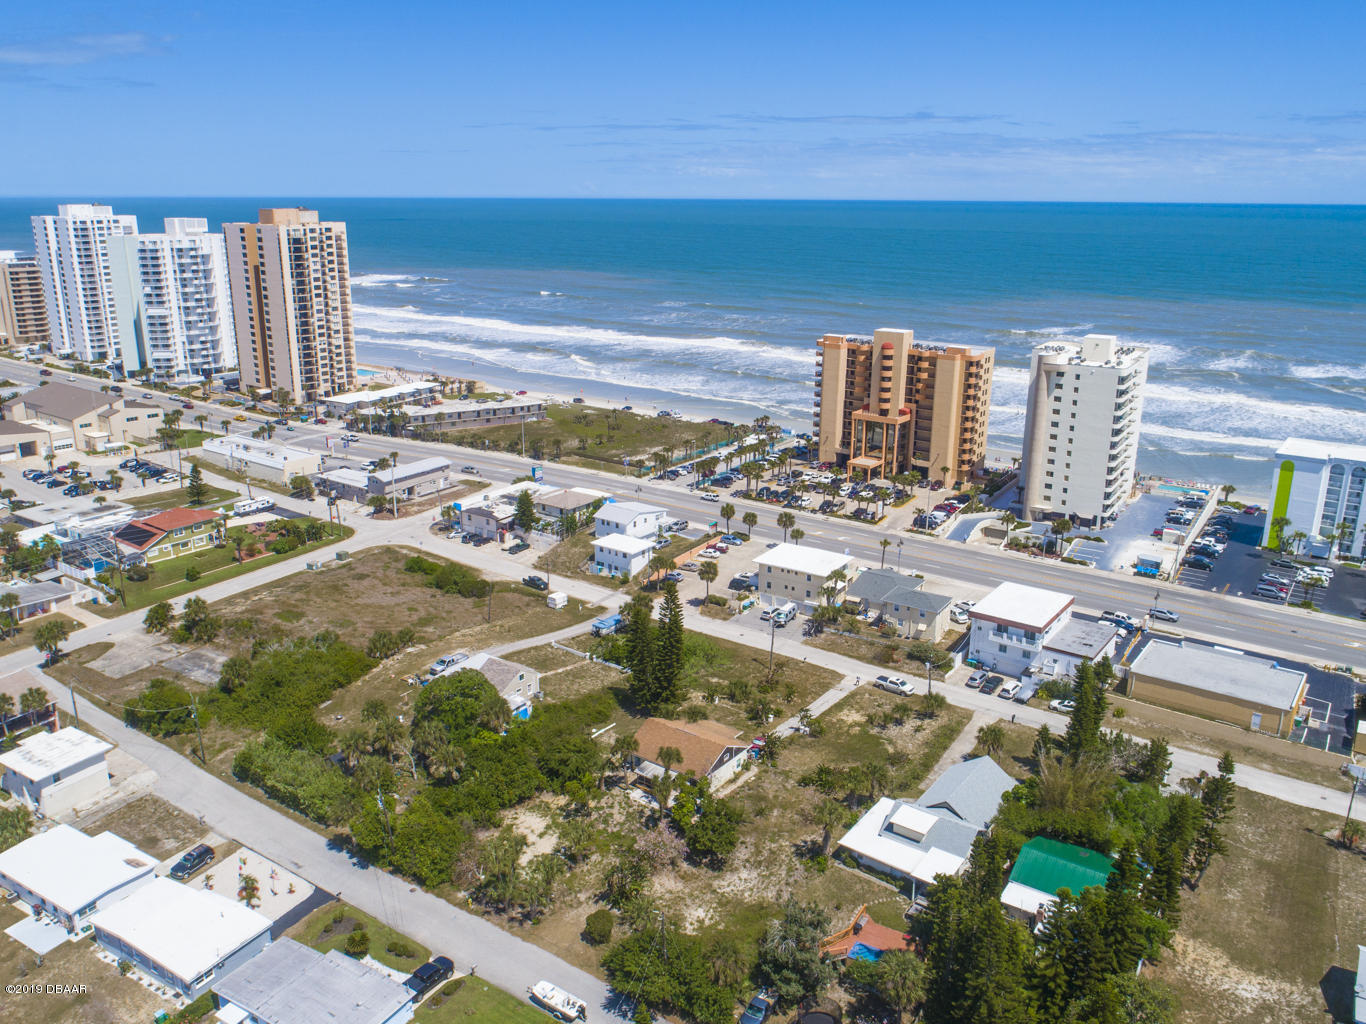 3112 Liberty Daytona Beach - 2